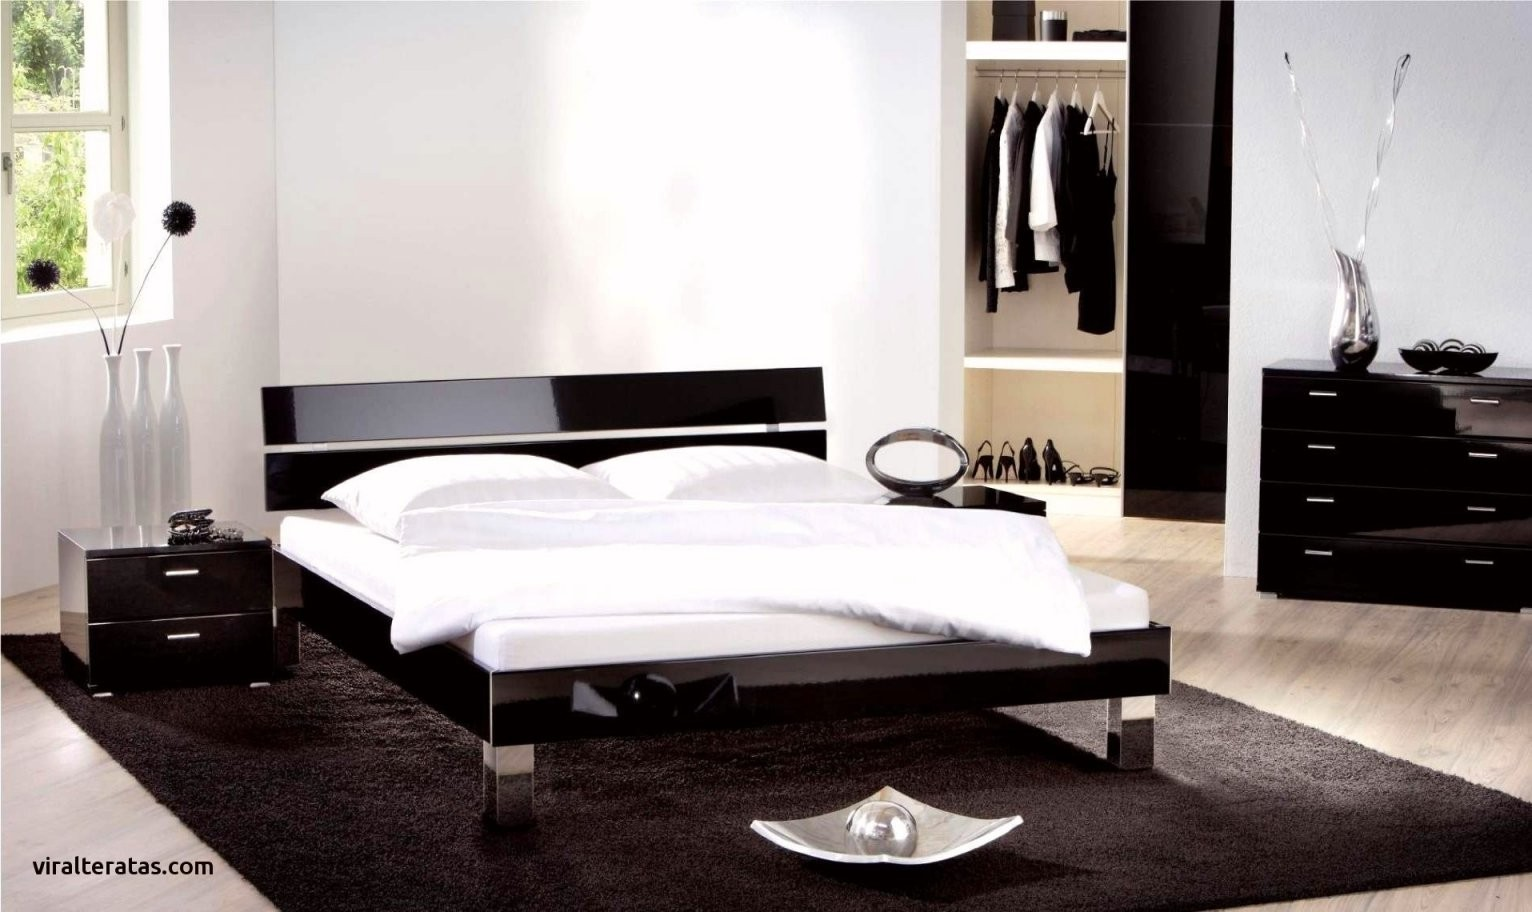 Ikea Kleine Keuken Unique Genial 30 Von Zimmer Einrichten Ikea von Zimmer Einrichten Ideen Ikea Bild